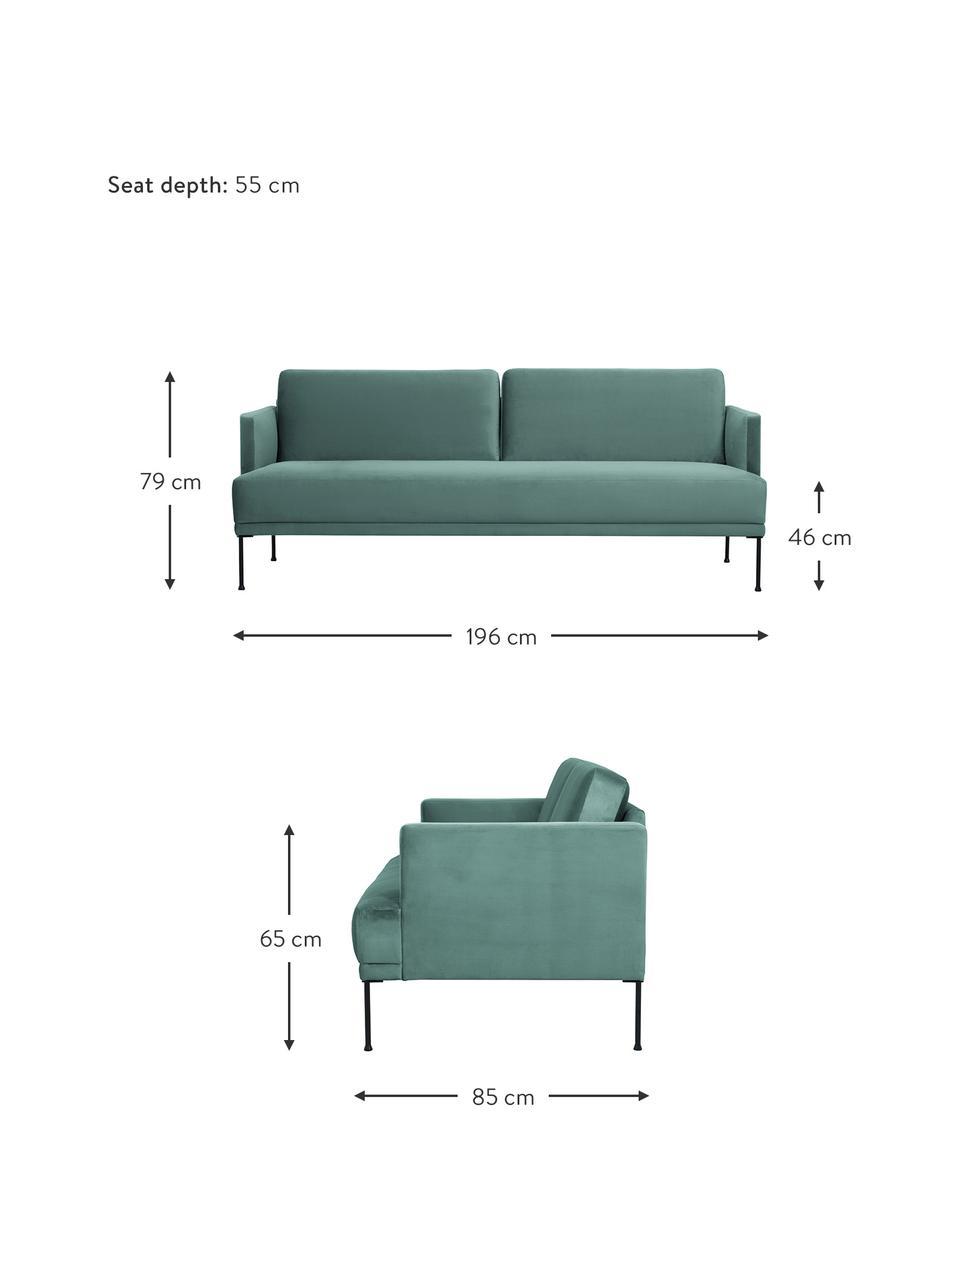 Samt-Sofa Fluente (3-Sitzer) in Hellgrün mit Metall-Füßen, Bezug: Samt (Hochwertiger Polyes, Gestell: Massives Kiefernholz, Füße: Metall, pulverbeschichtet, Samt Hellgrün, B 196 x T 85 cm